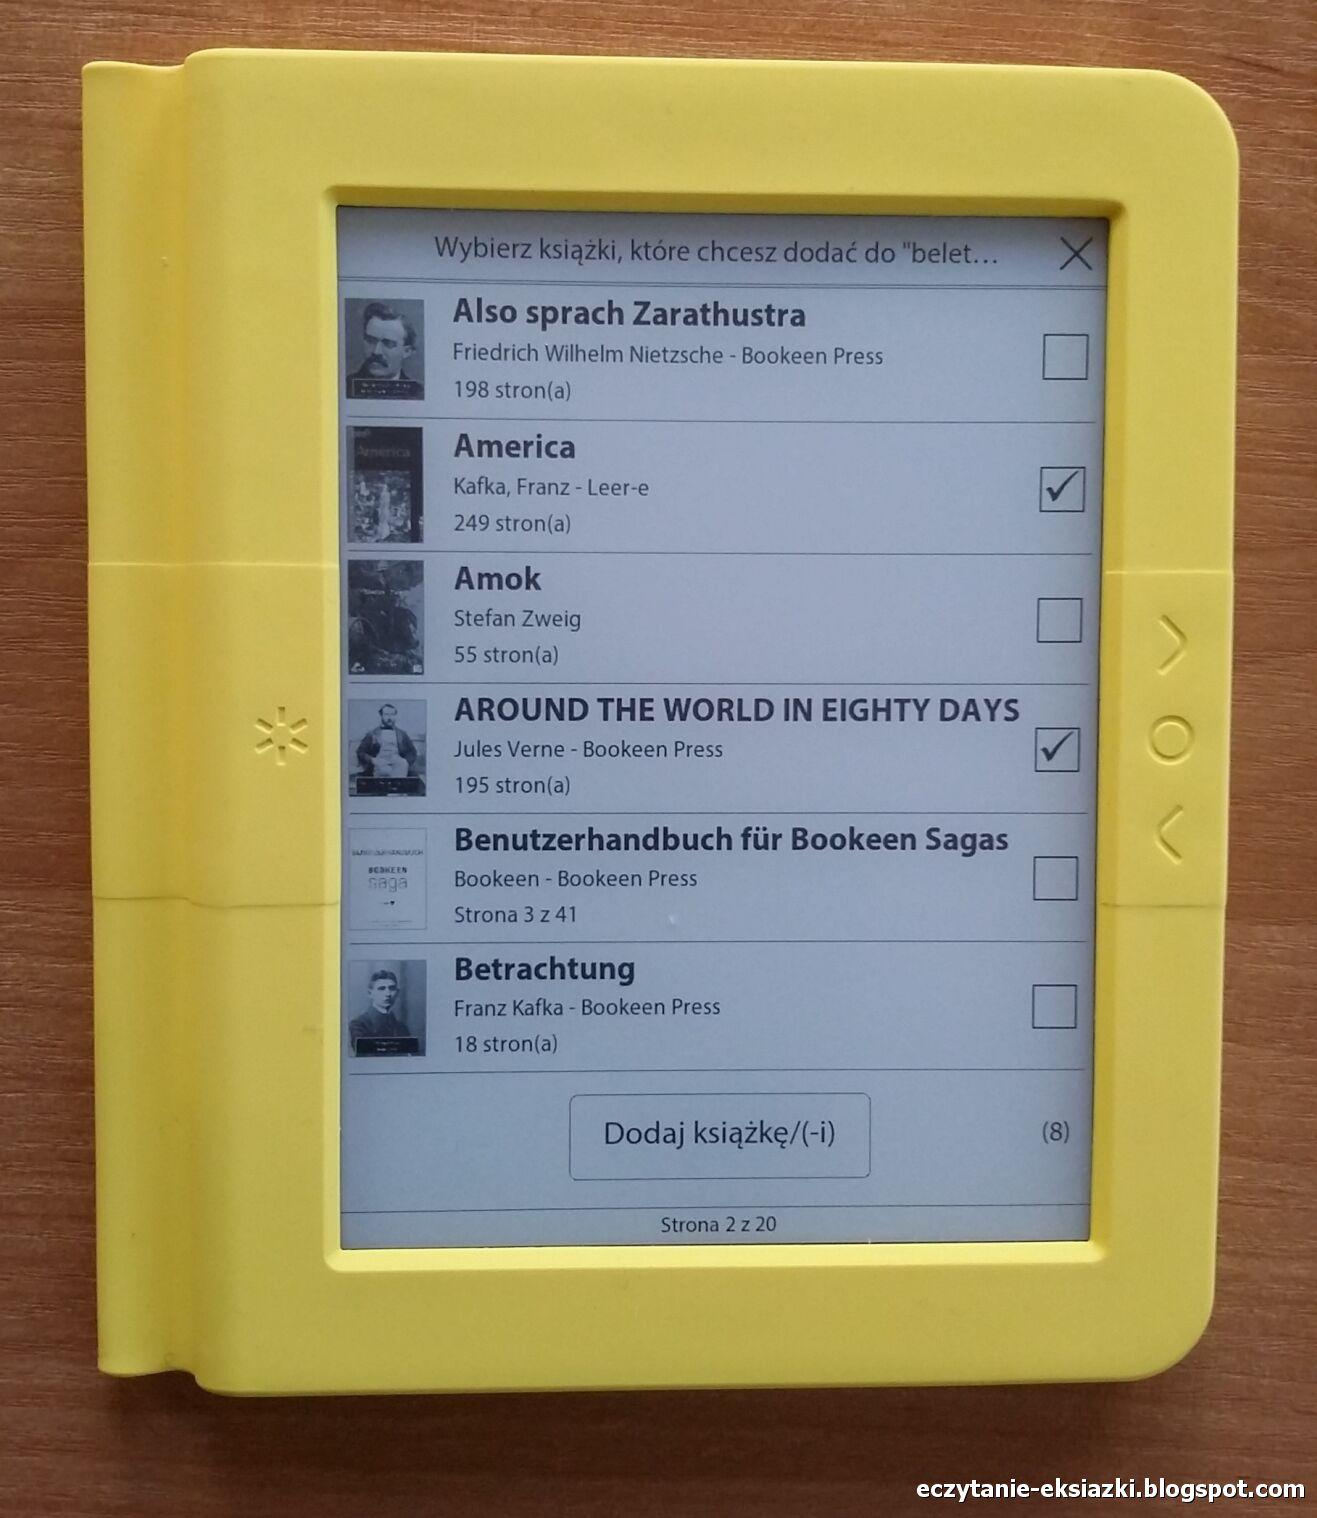 Bookeen Saga - dodawanie książek do kolekcji